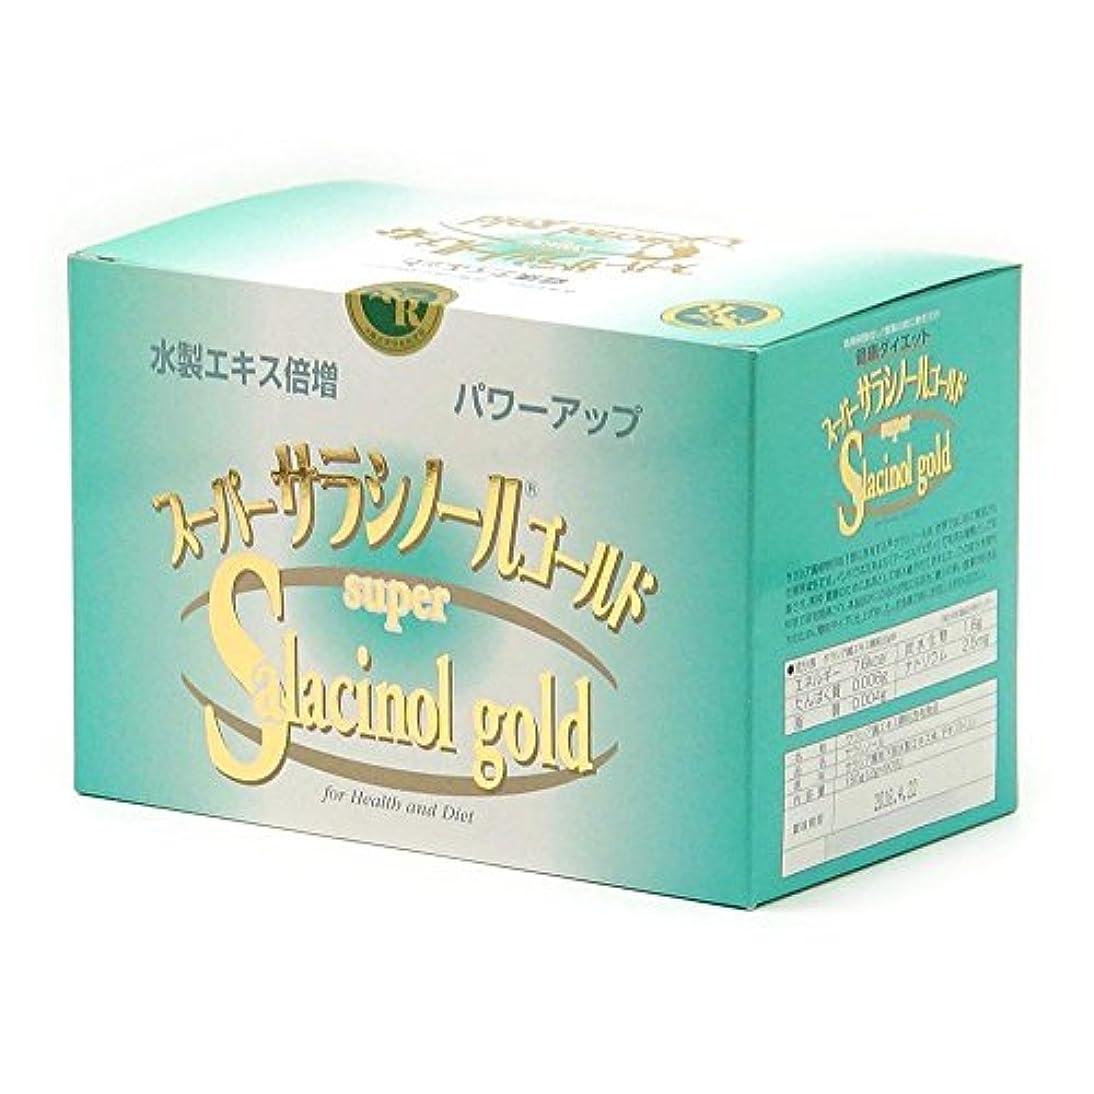 気分が良いフォーマルドラッグスーパーサラシノールゴールド 2g×90包×3箱セット